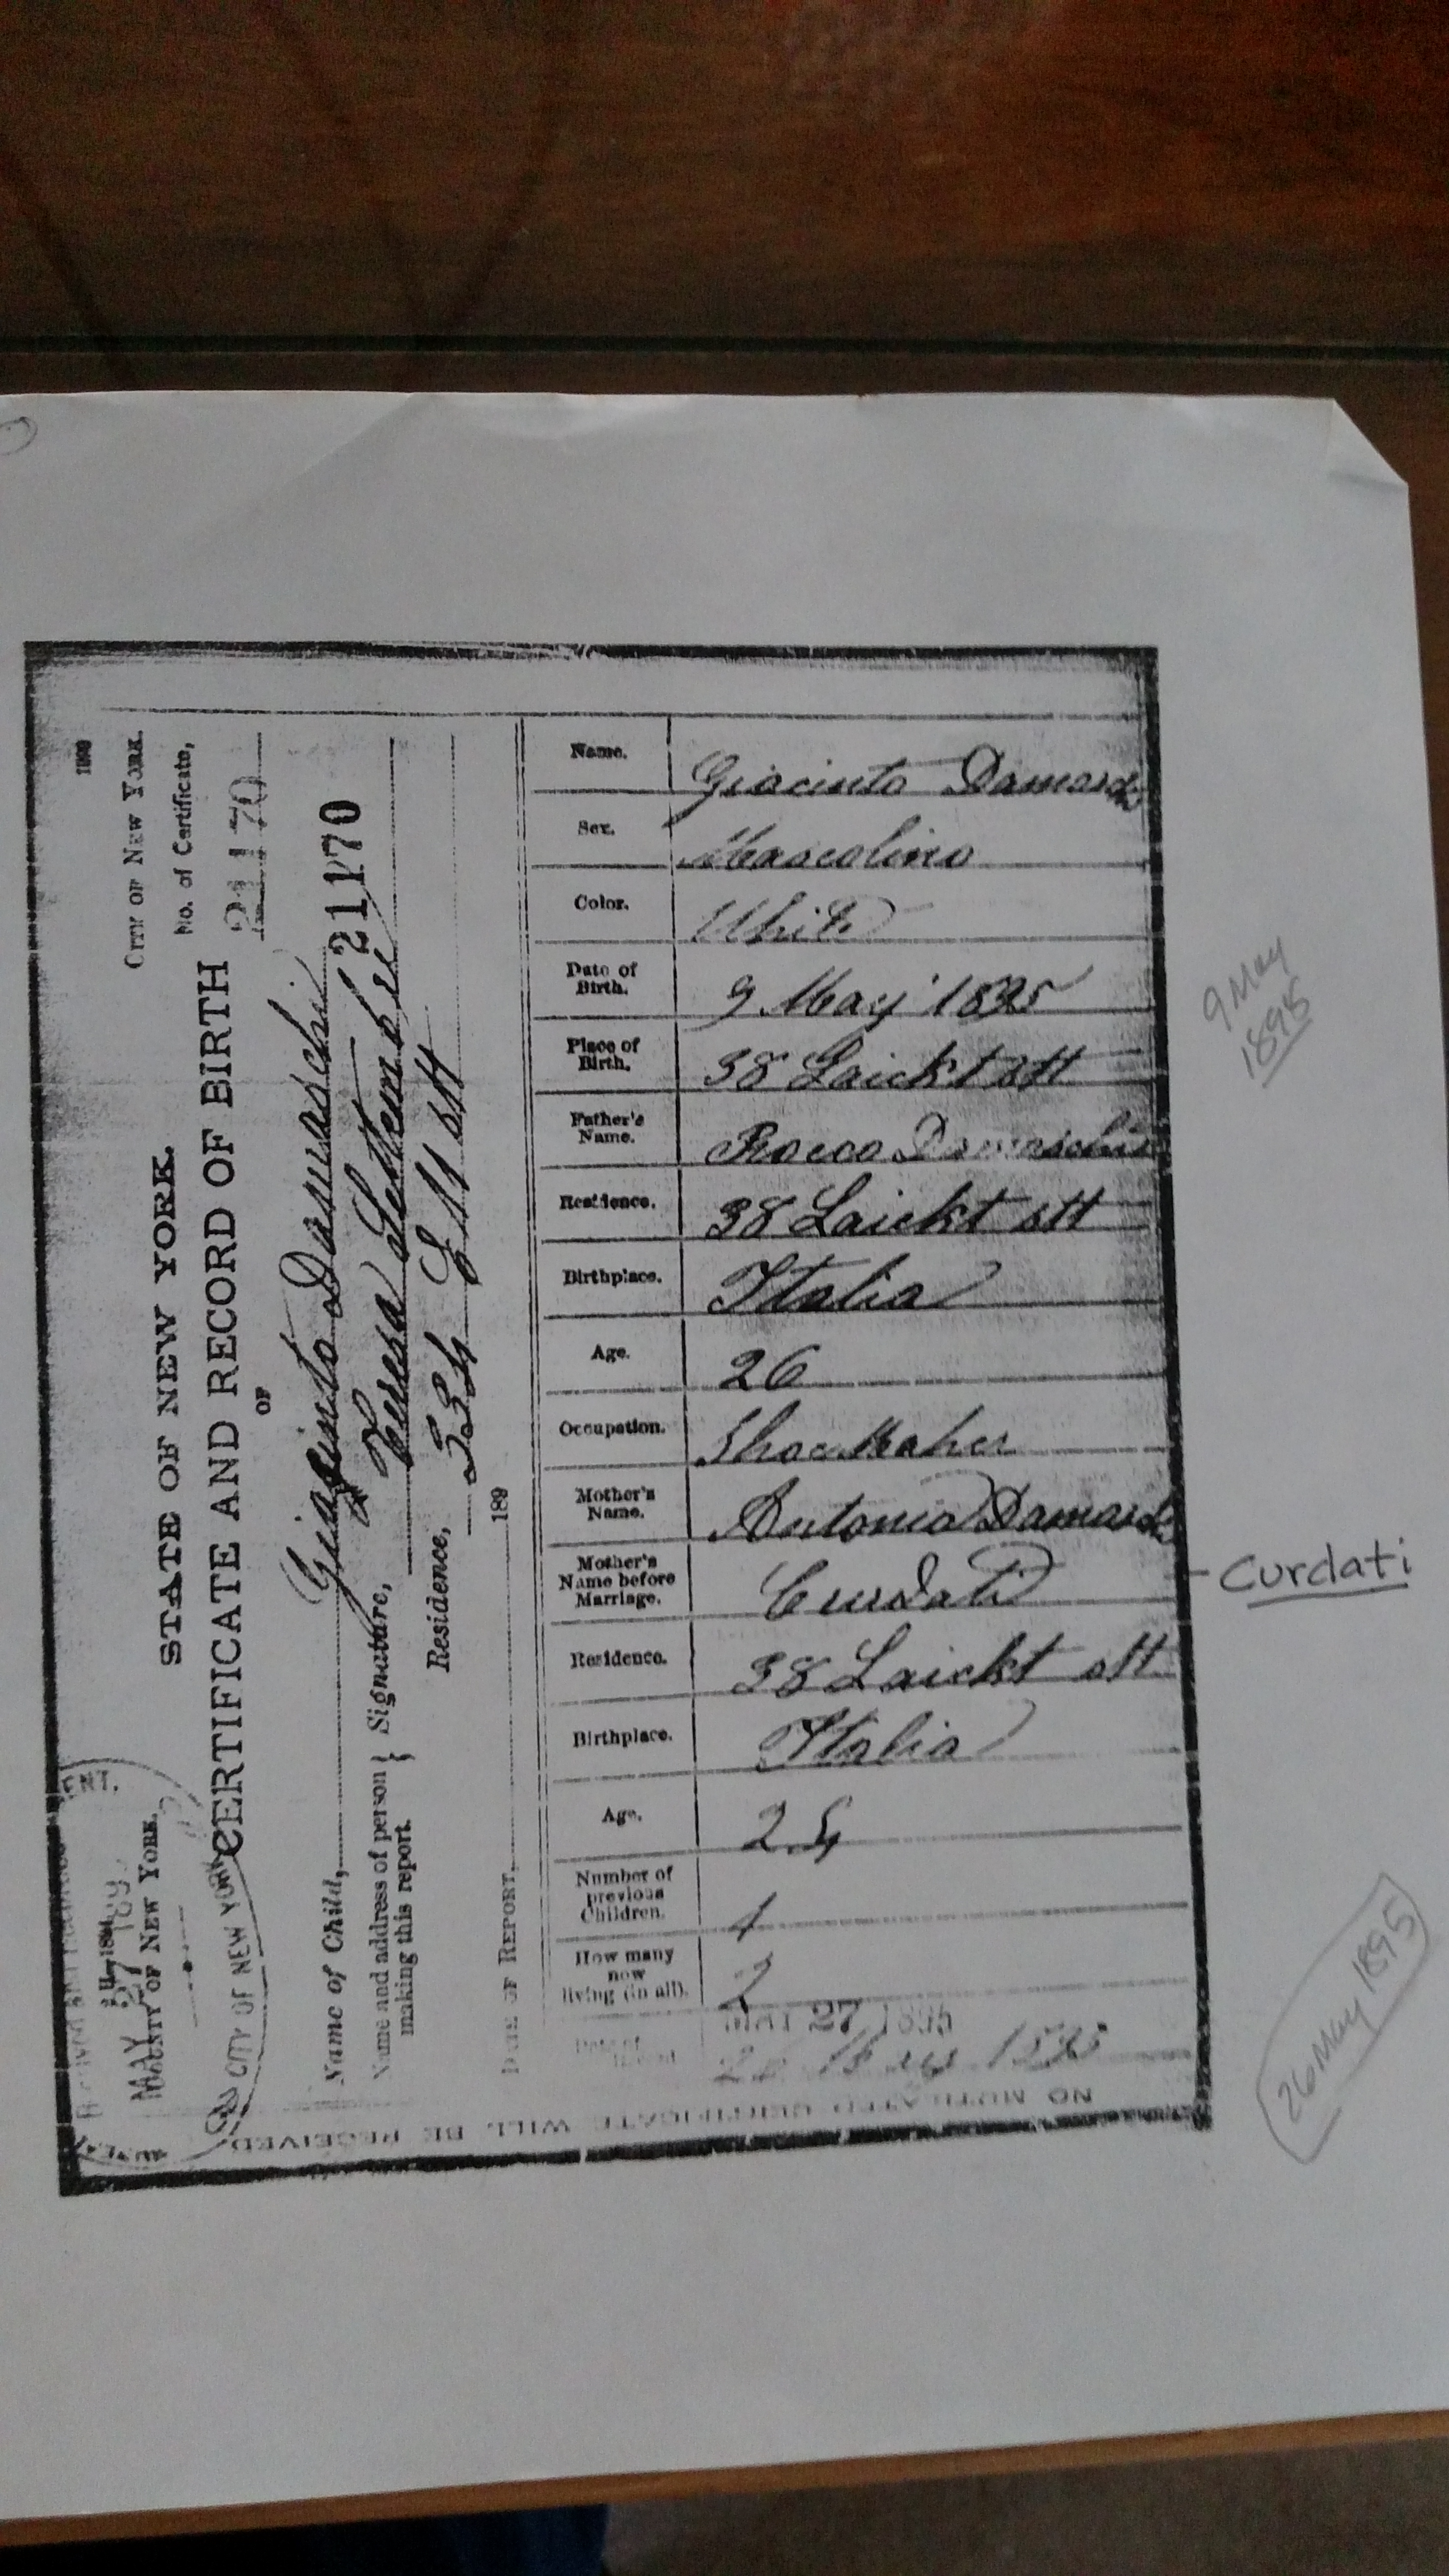 Antonia cordati cordatos of montemurro giacinto birth certificate aiddatafo Gallery